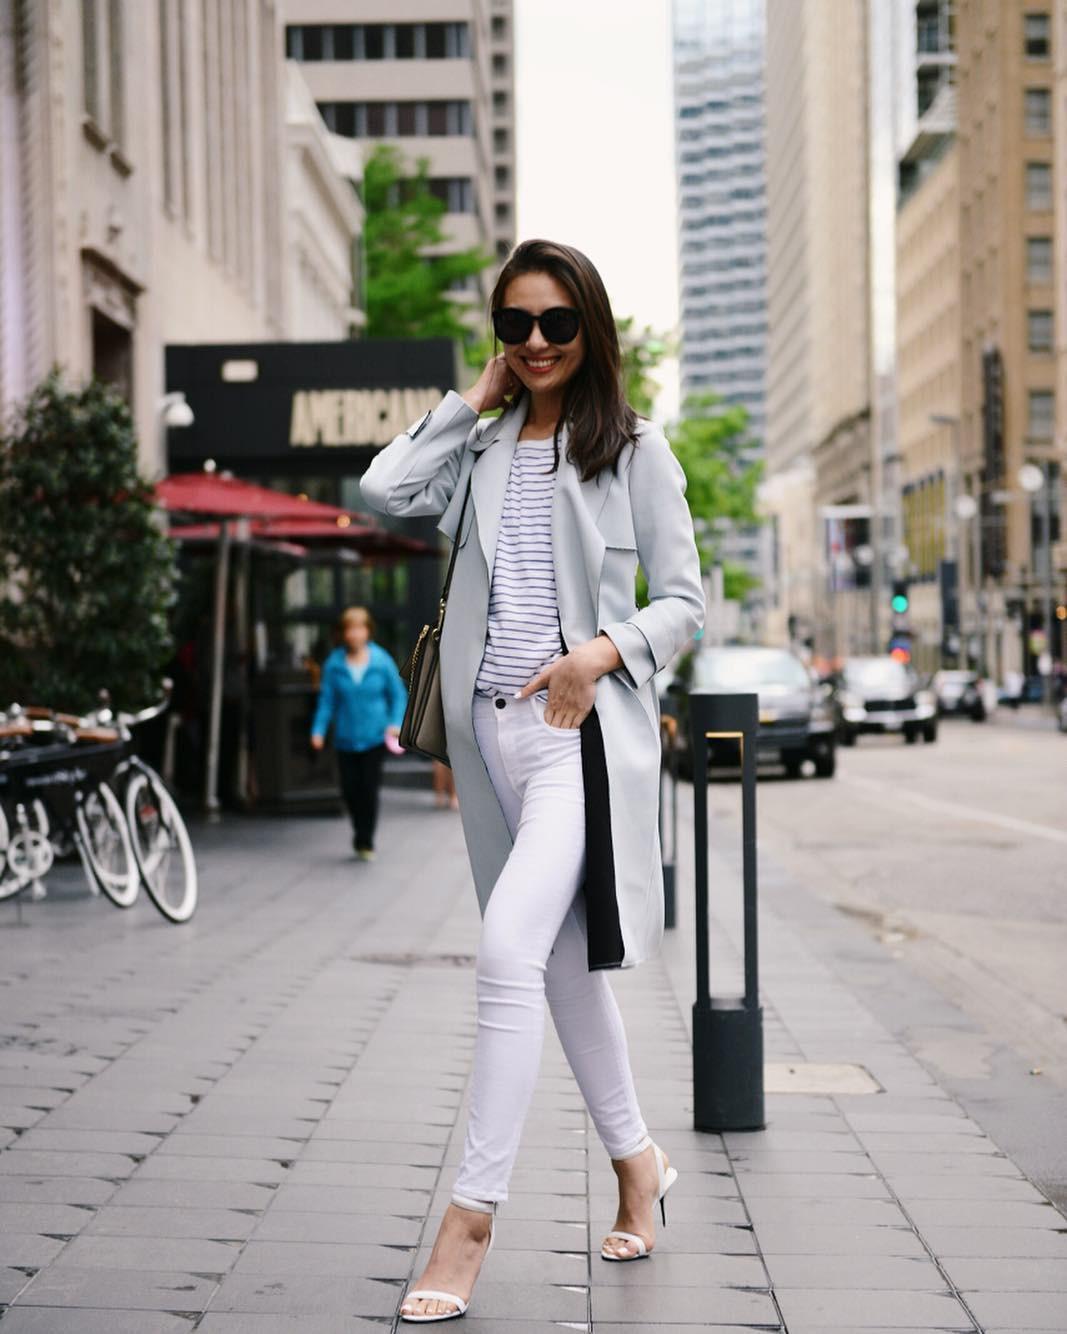 Có một kiểu quần mà các nàng cứ diện lên sẽ trẻ trung và nữ tính hơn bội phần, đó chính là quần jeans trắng - 12